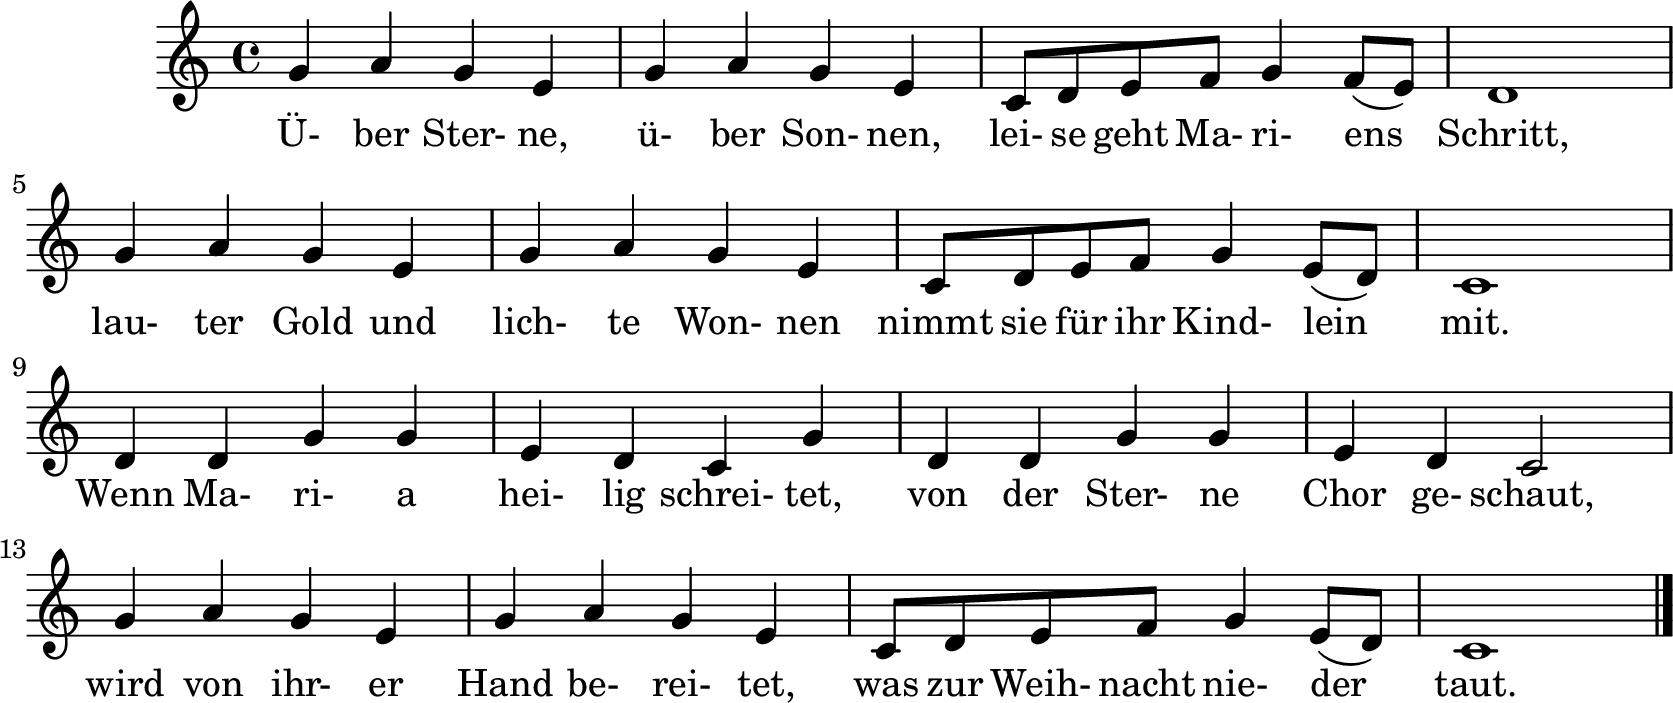 Notenblatt Music Sheet Über Sterne, über Sonnen